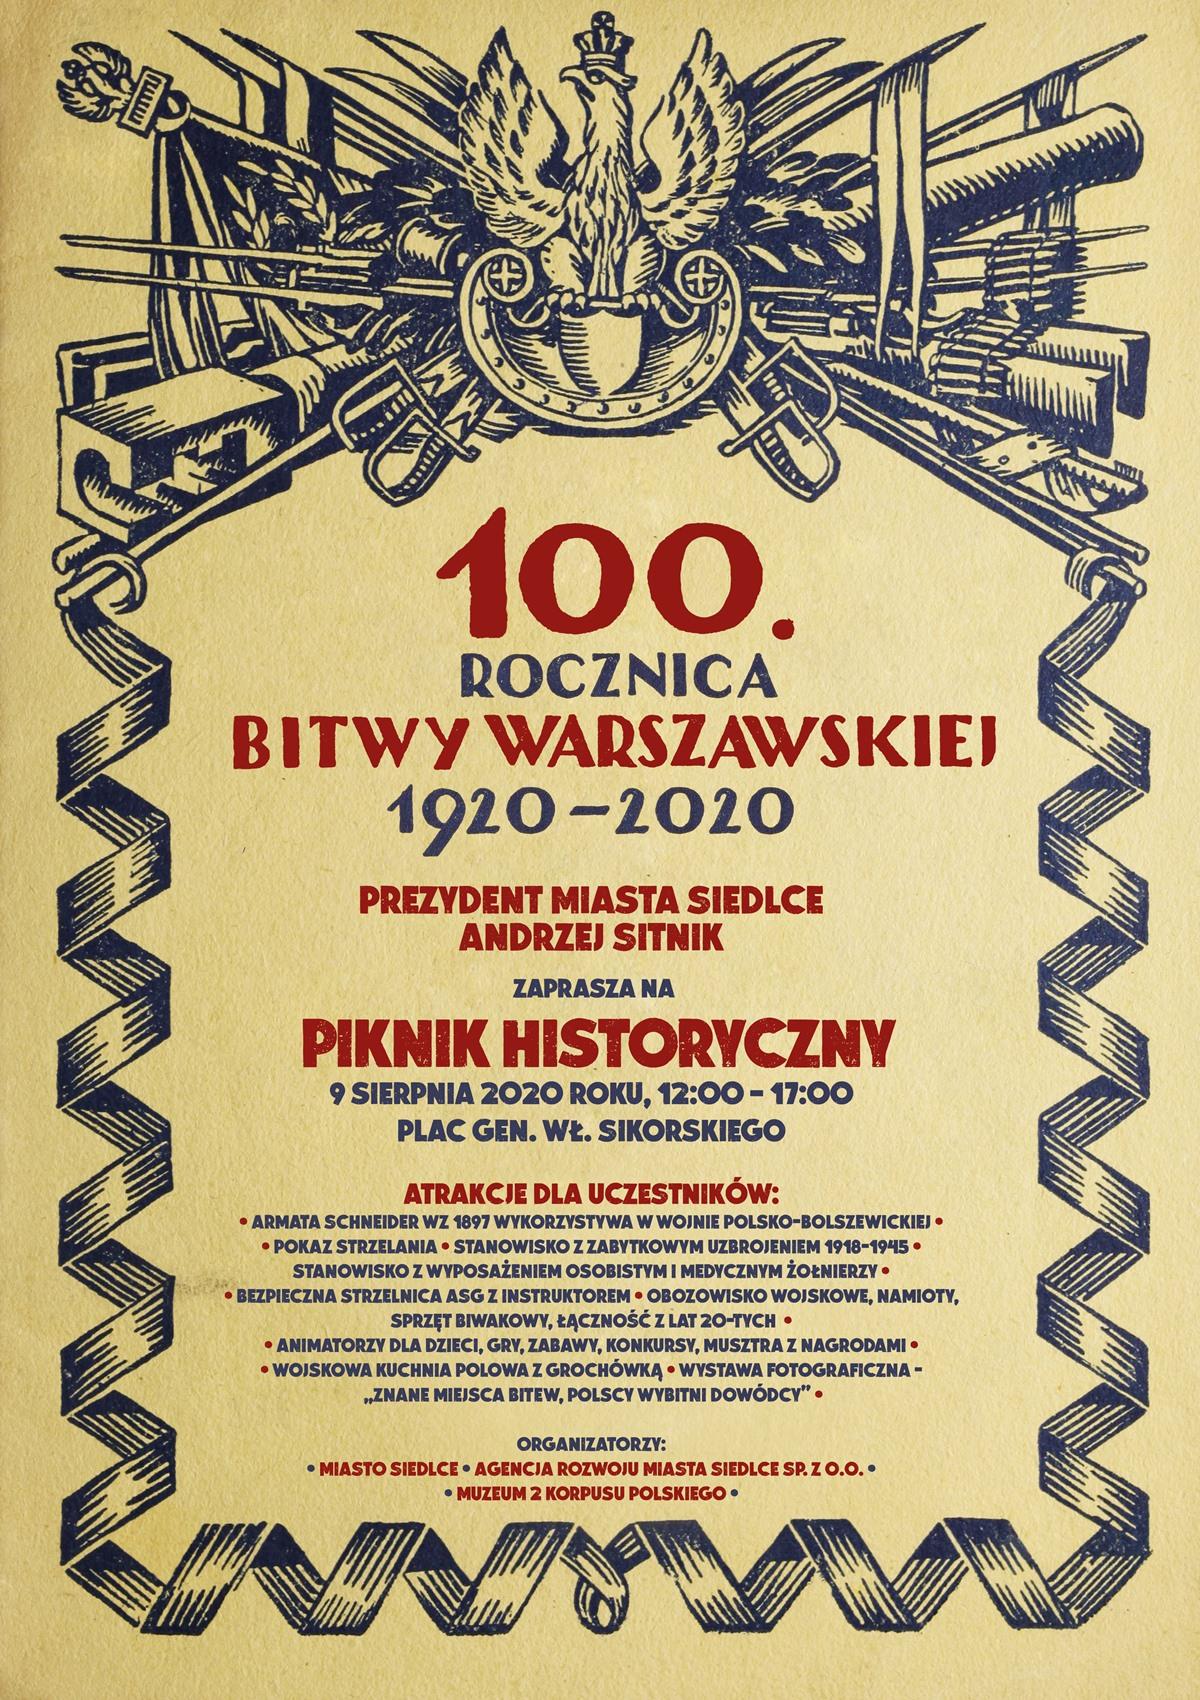 piknik historyczny upamiętniający 100. rocznicę Bitwy Warszawskiej